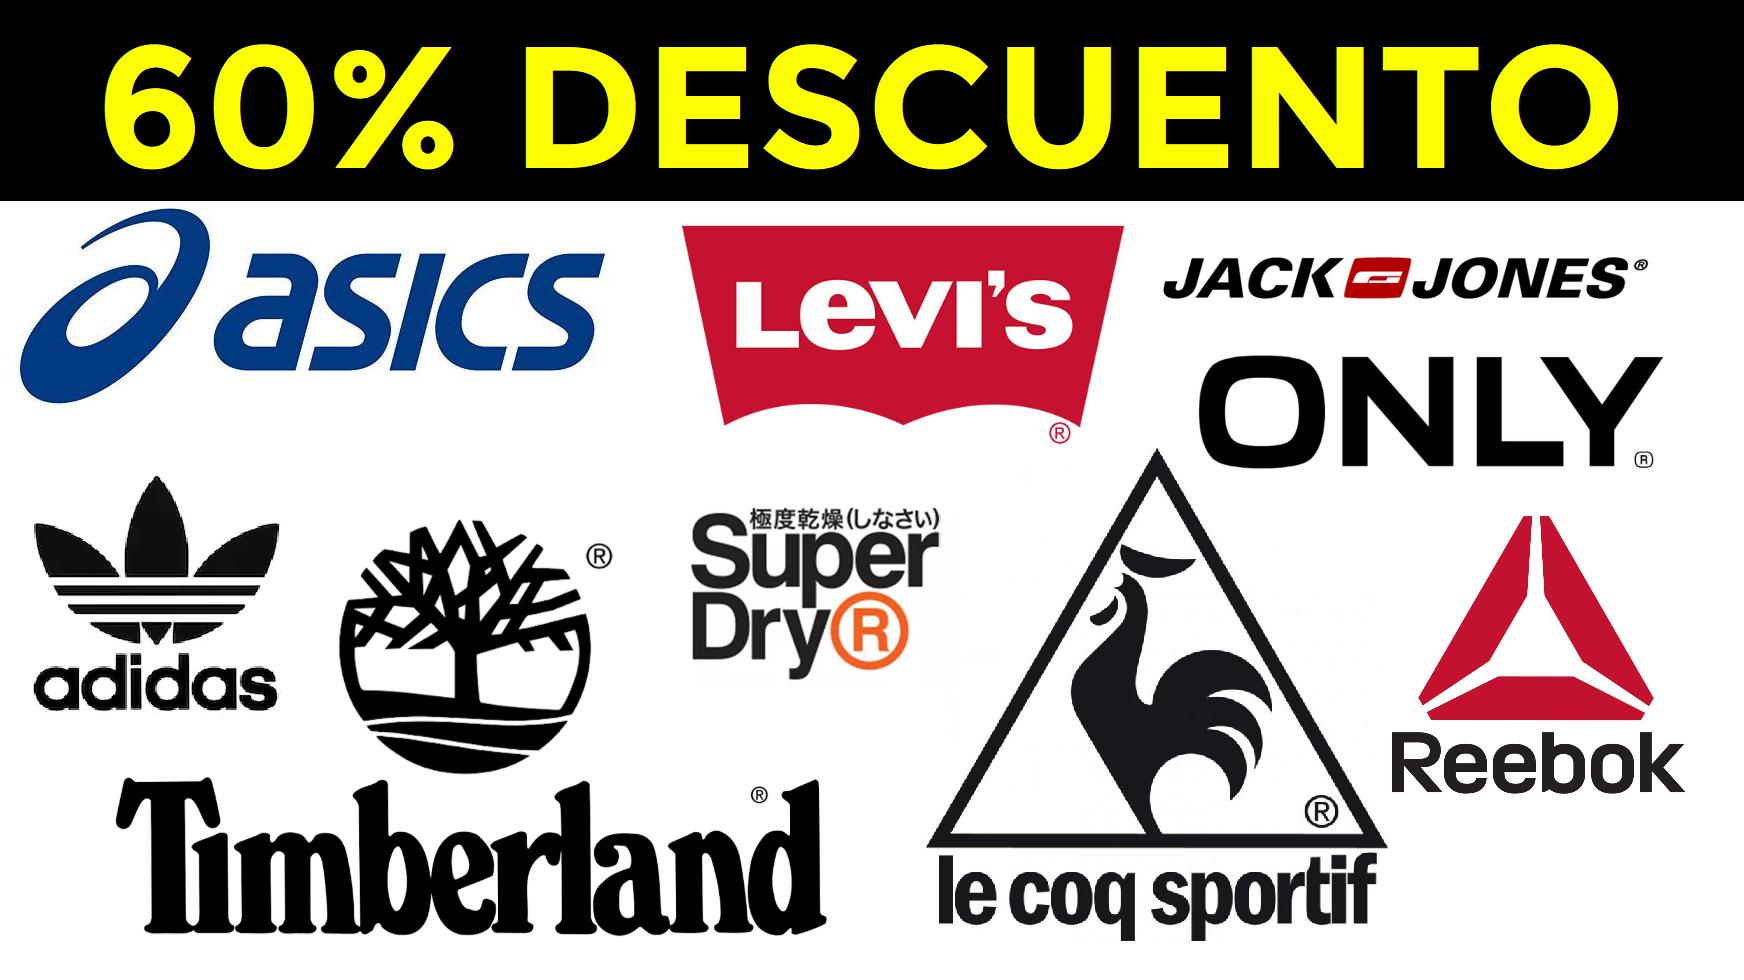 Descuentos de hasta el 60% en ropa y calzado